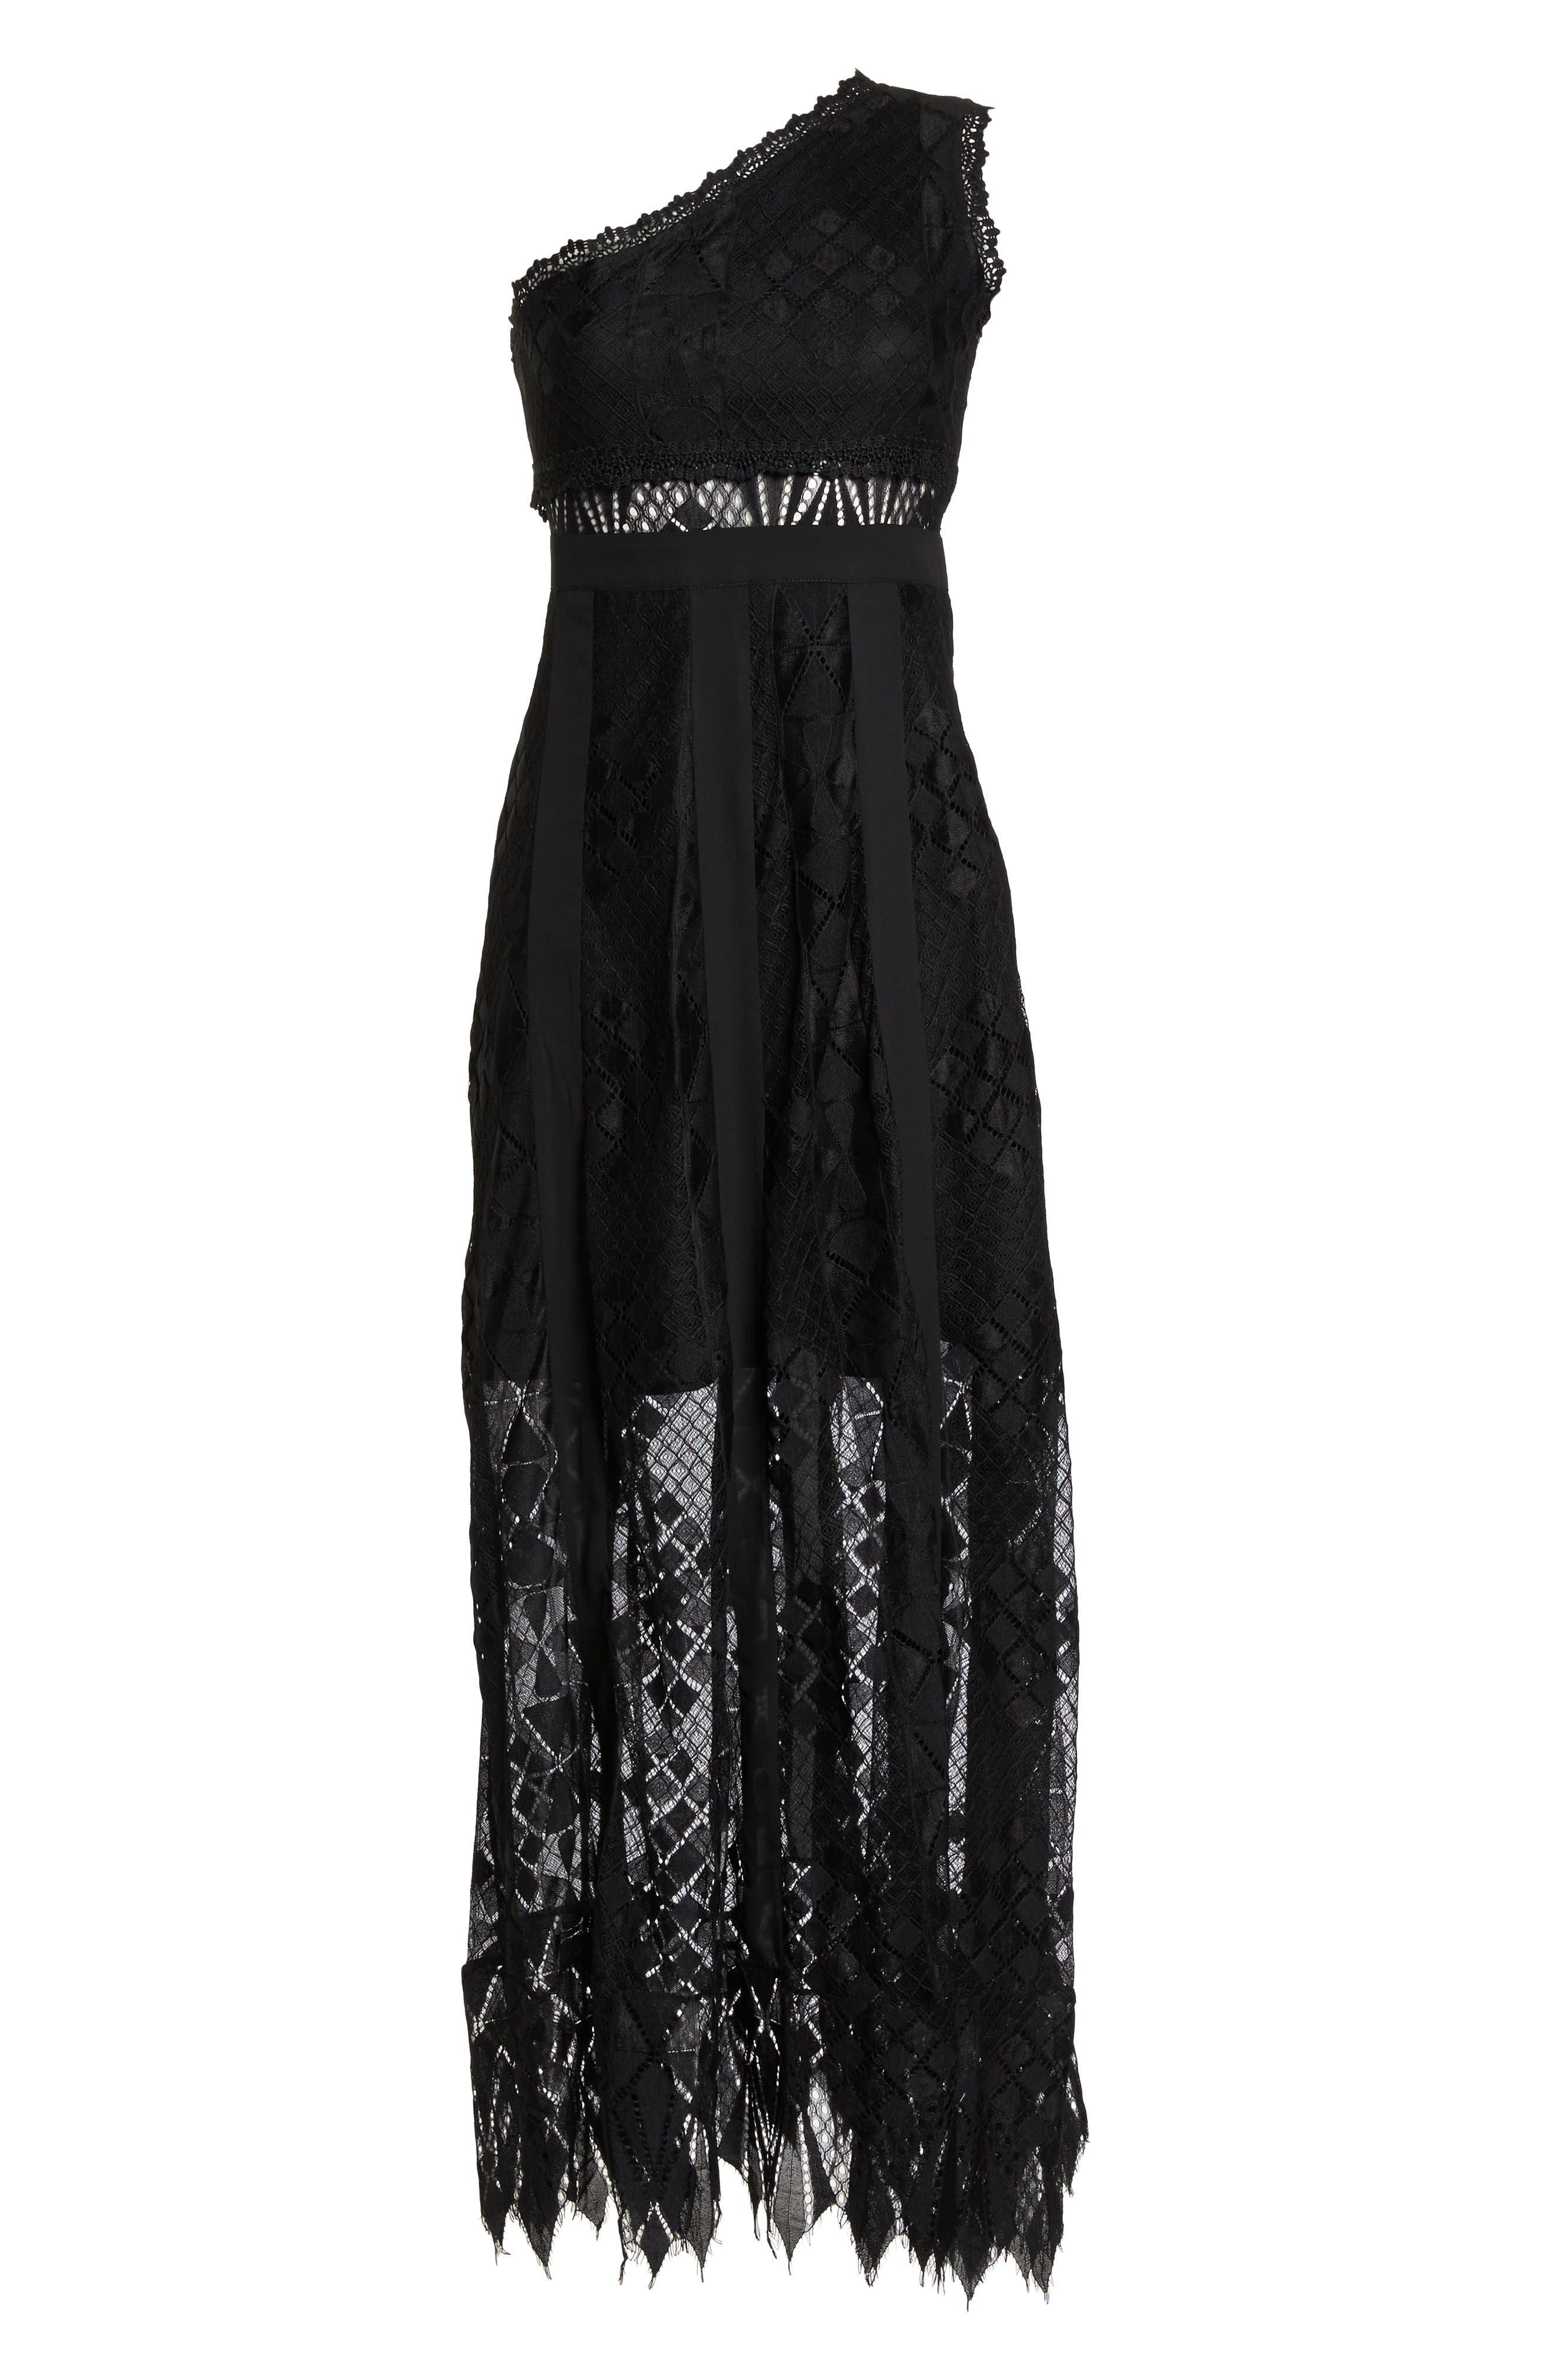 Juliet One-Shoulder Lace Gown,                             Alternate thumbnail 6, color,                             Black/ Black